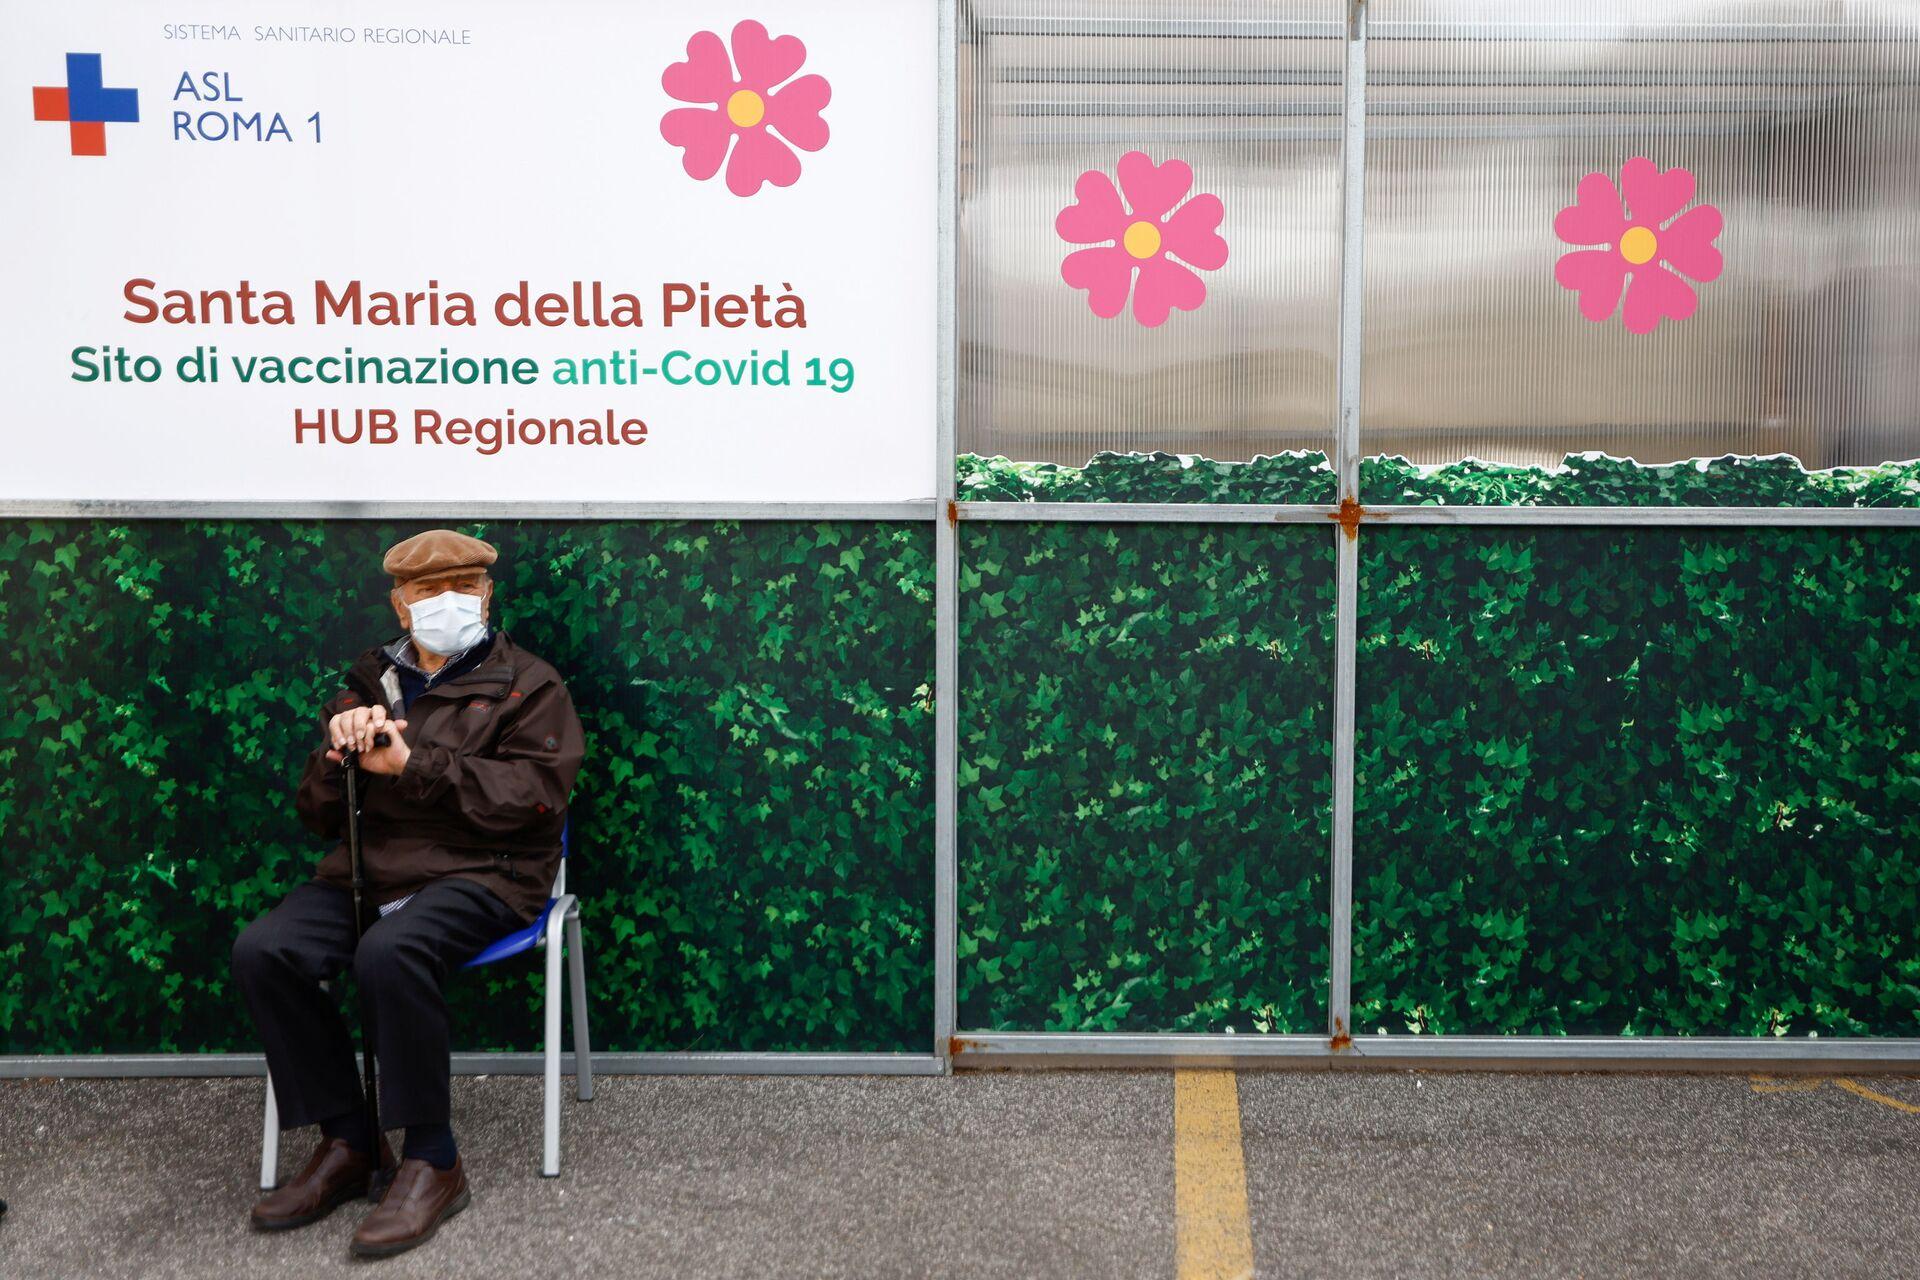 Vaccinazione in Italia, un anziano attende il suo turno - Sputnik Italia, 1920, 18.05.2021